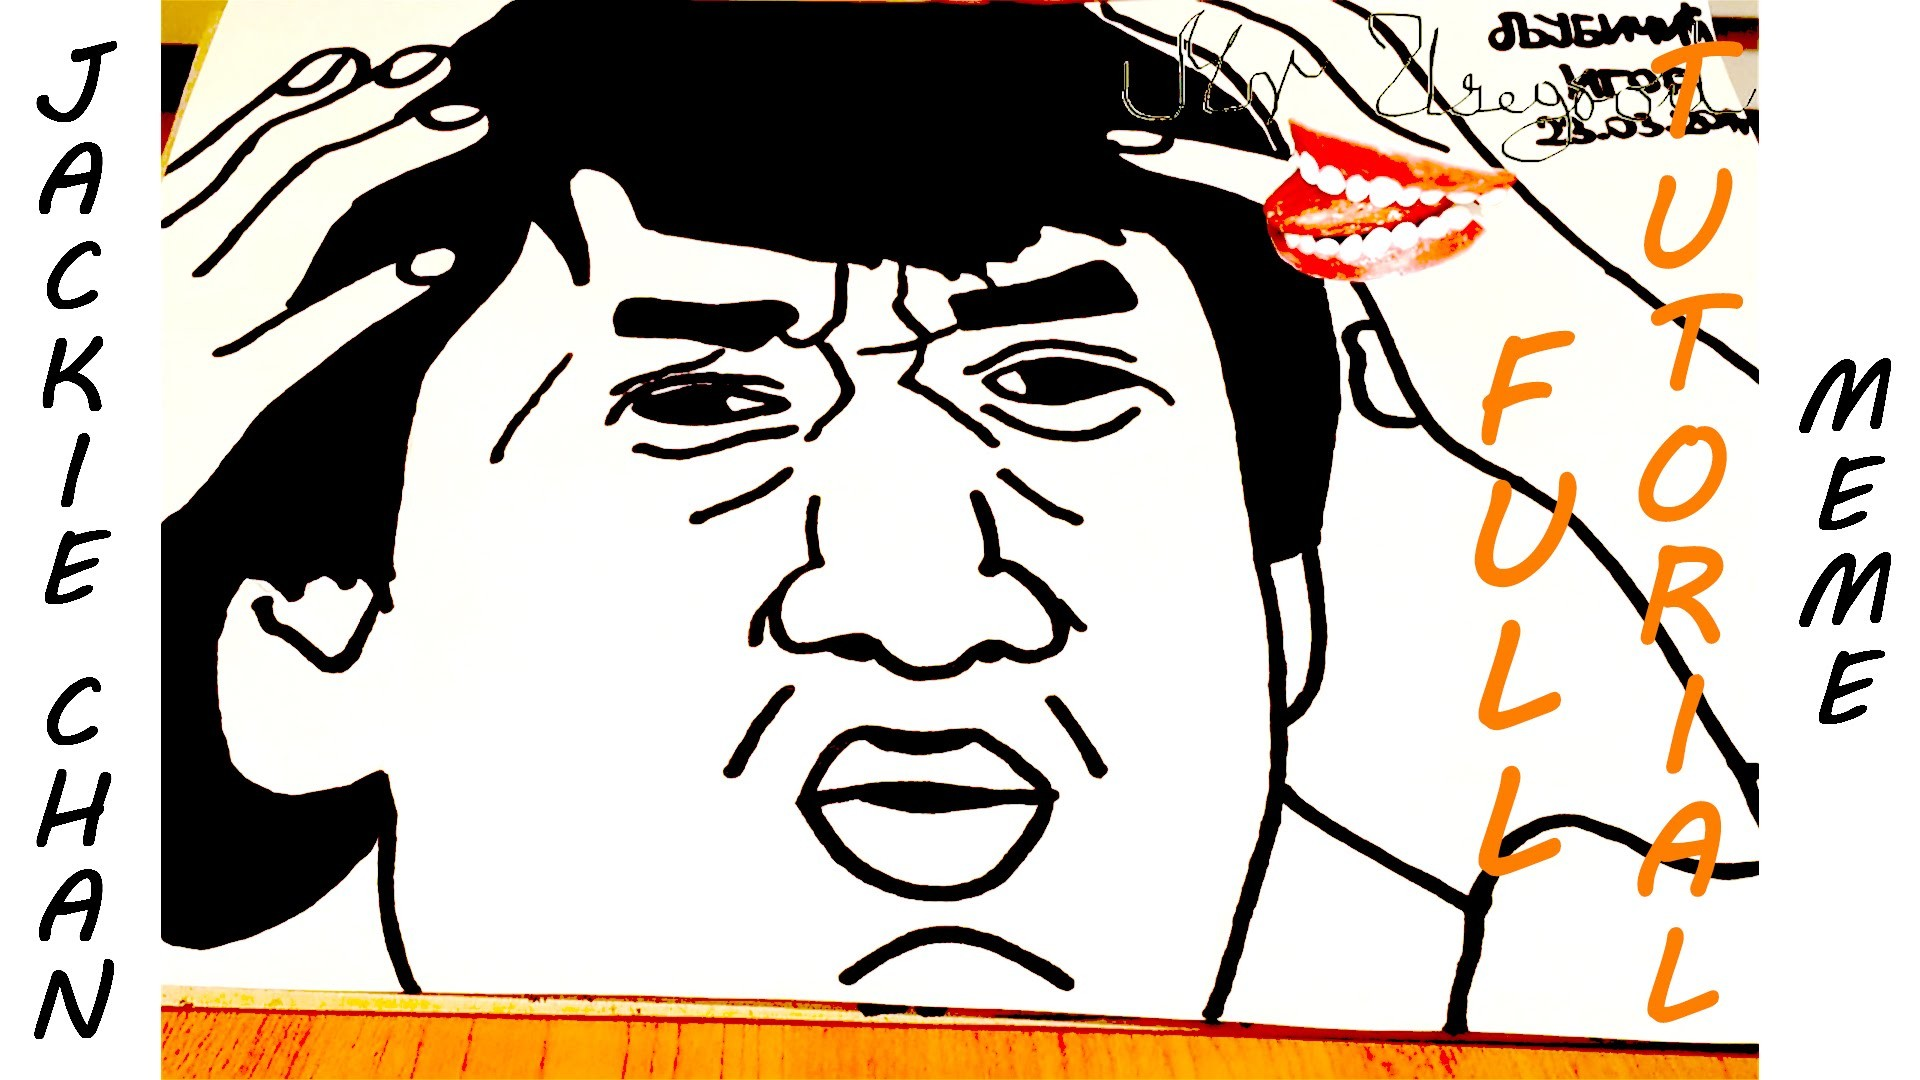 jackie chan meme - HD1920×1080